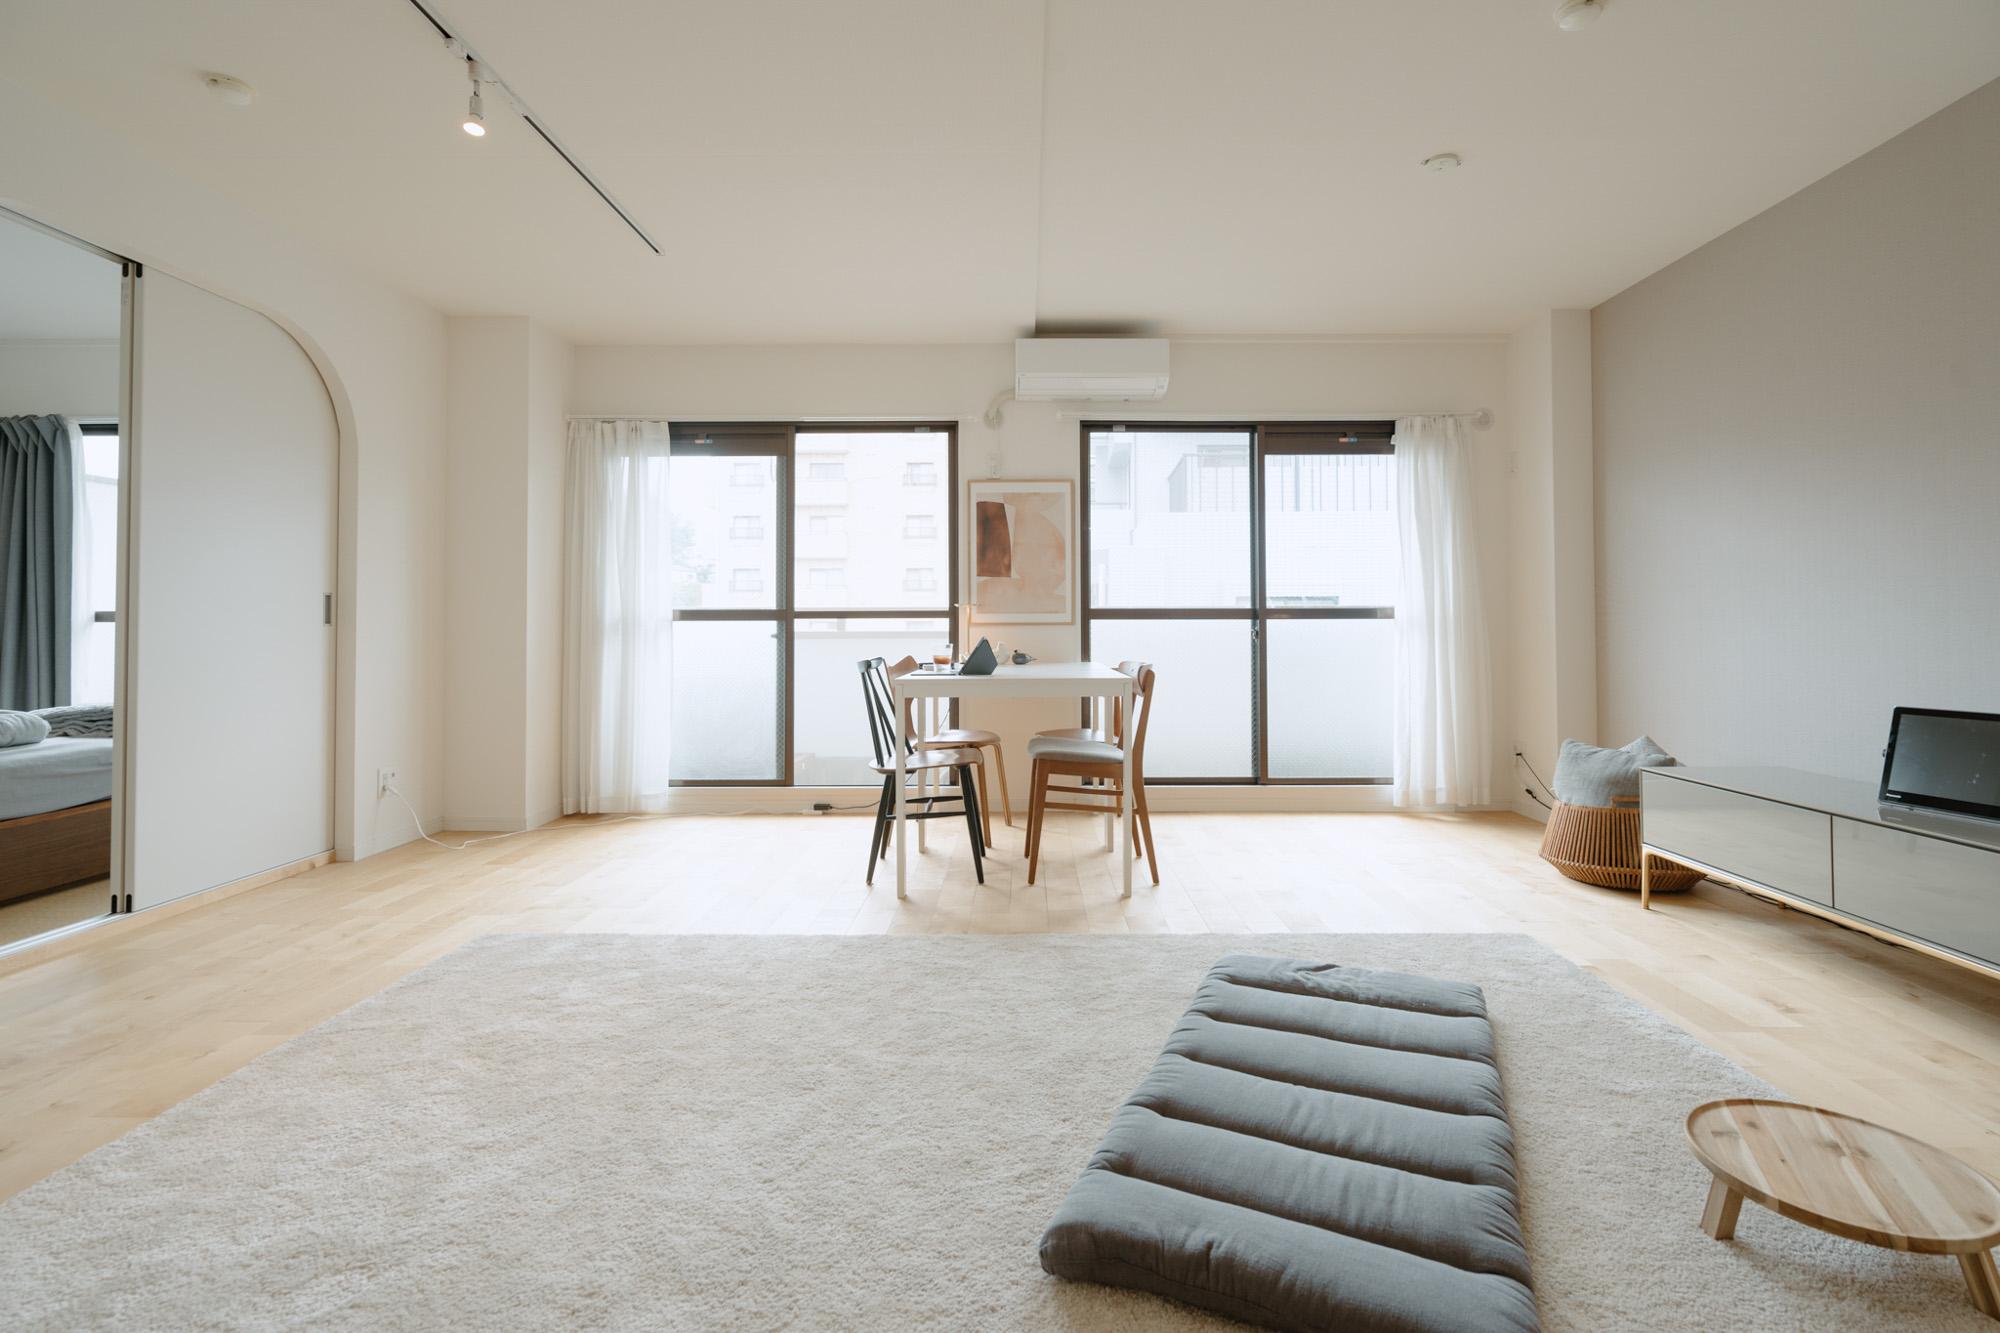 goodroom スタッフの岡山さんが娘さんと暮らしているのは、63㎡の2LDK。goodroomのオリジナルリノベーション「TOMOS」イチオシの無垢床がこんなに広く見えるお部屋もなかなかないかも。大きなソファは置かず、ラグマットの上でくつろぎます。